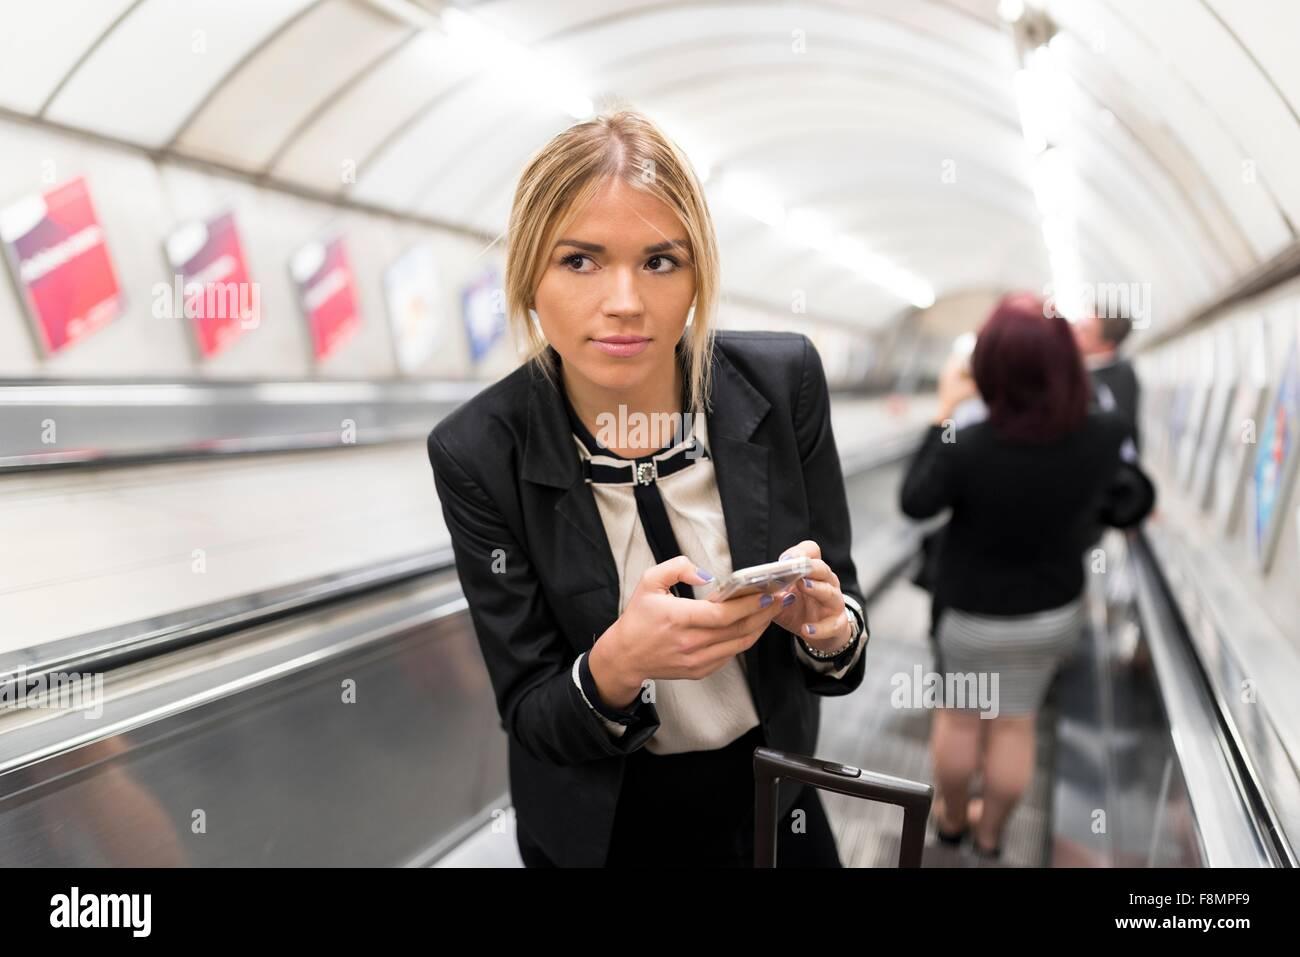 Imprenditrice texting su escalator, la metropolitana di Londra, Regno Unito Immagini Stock